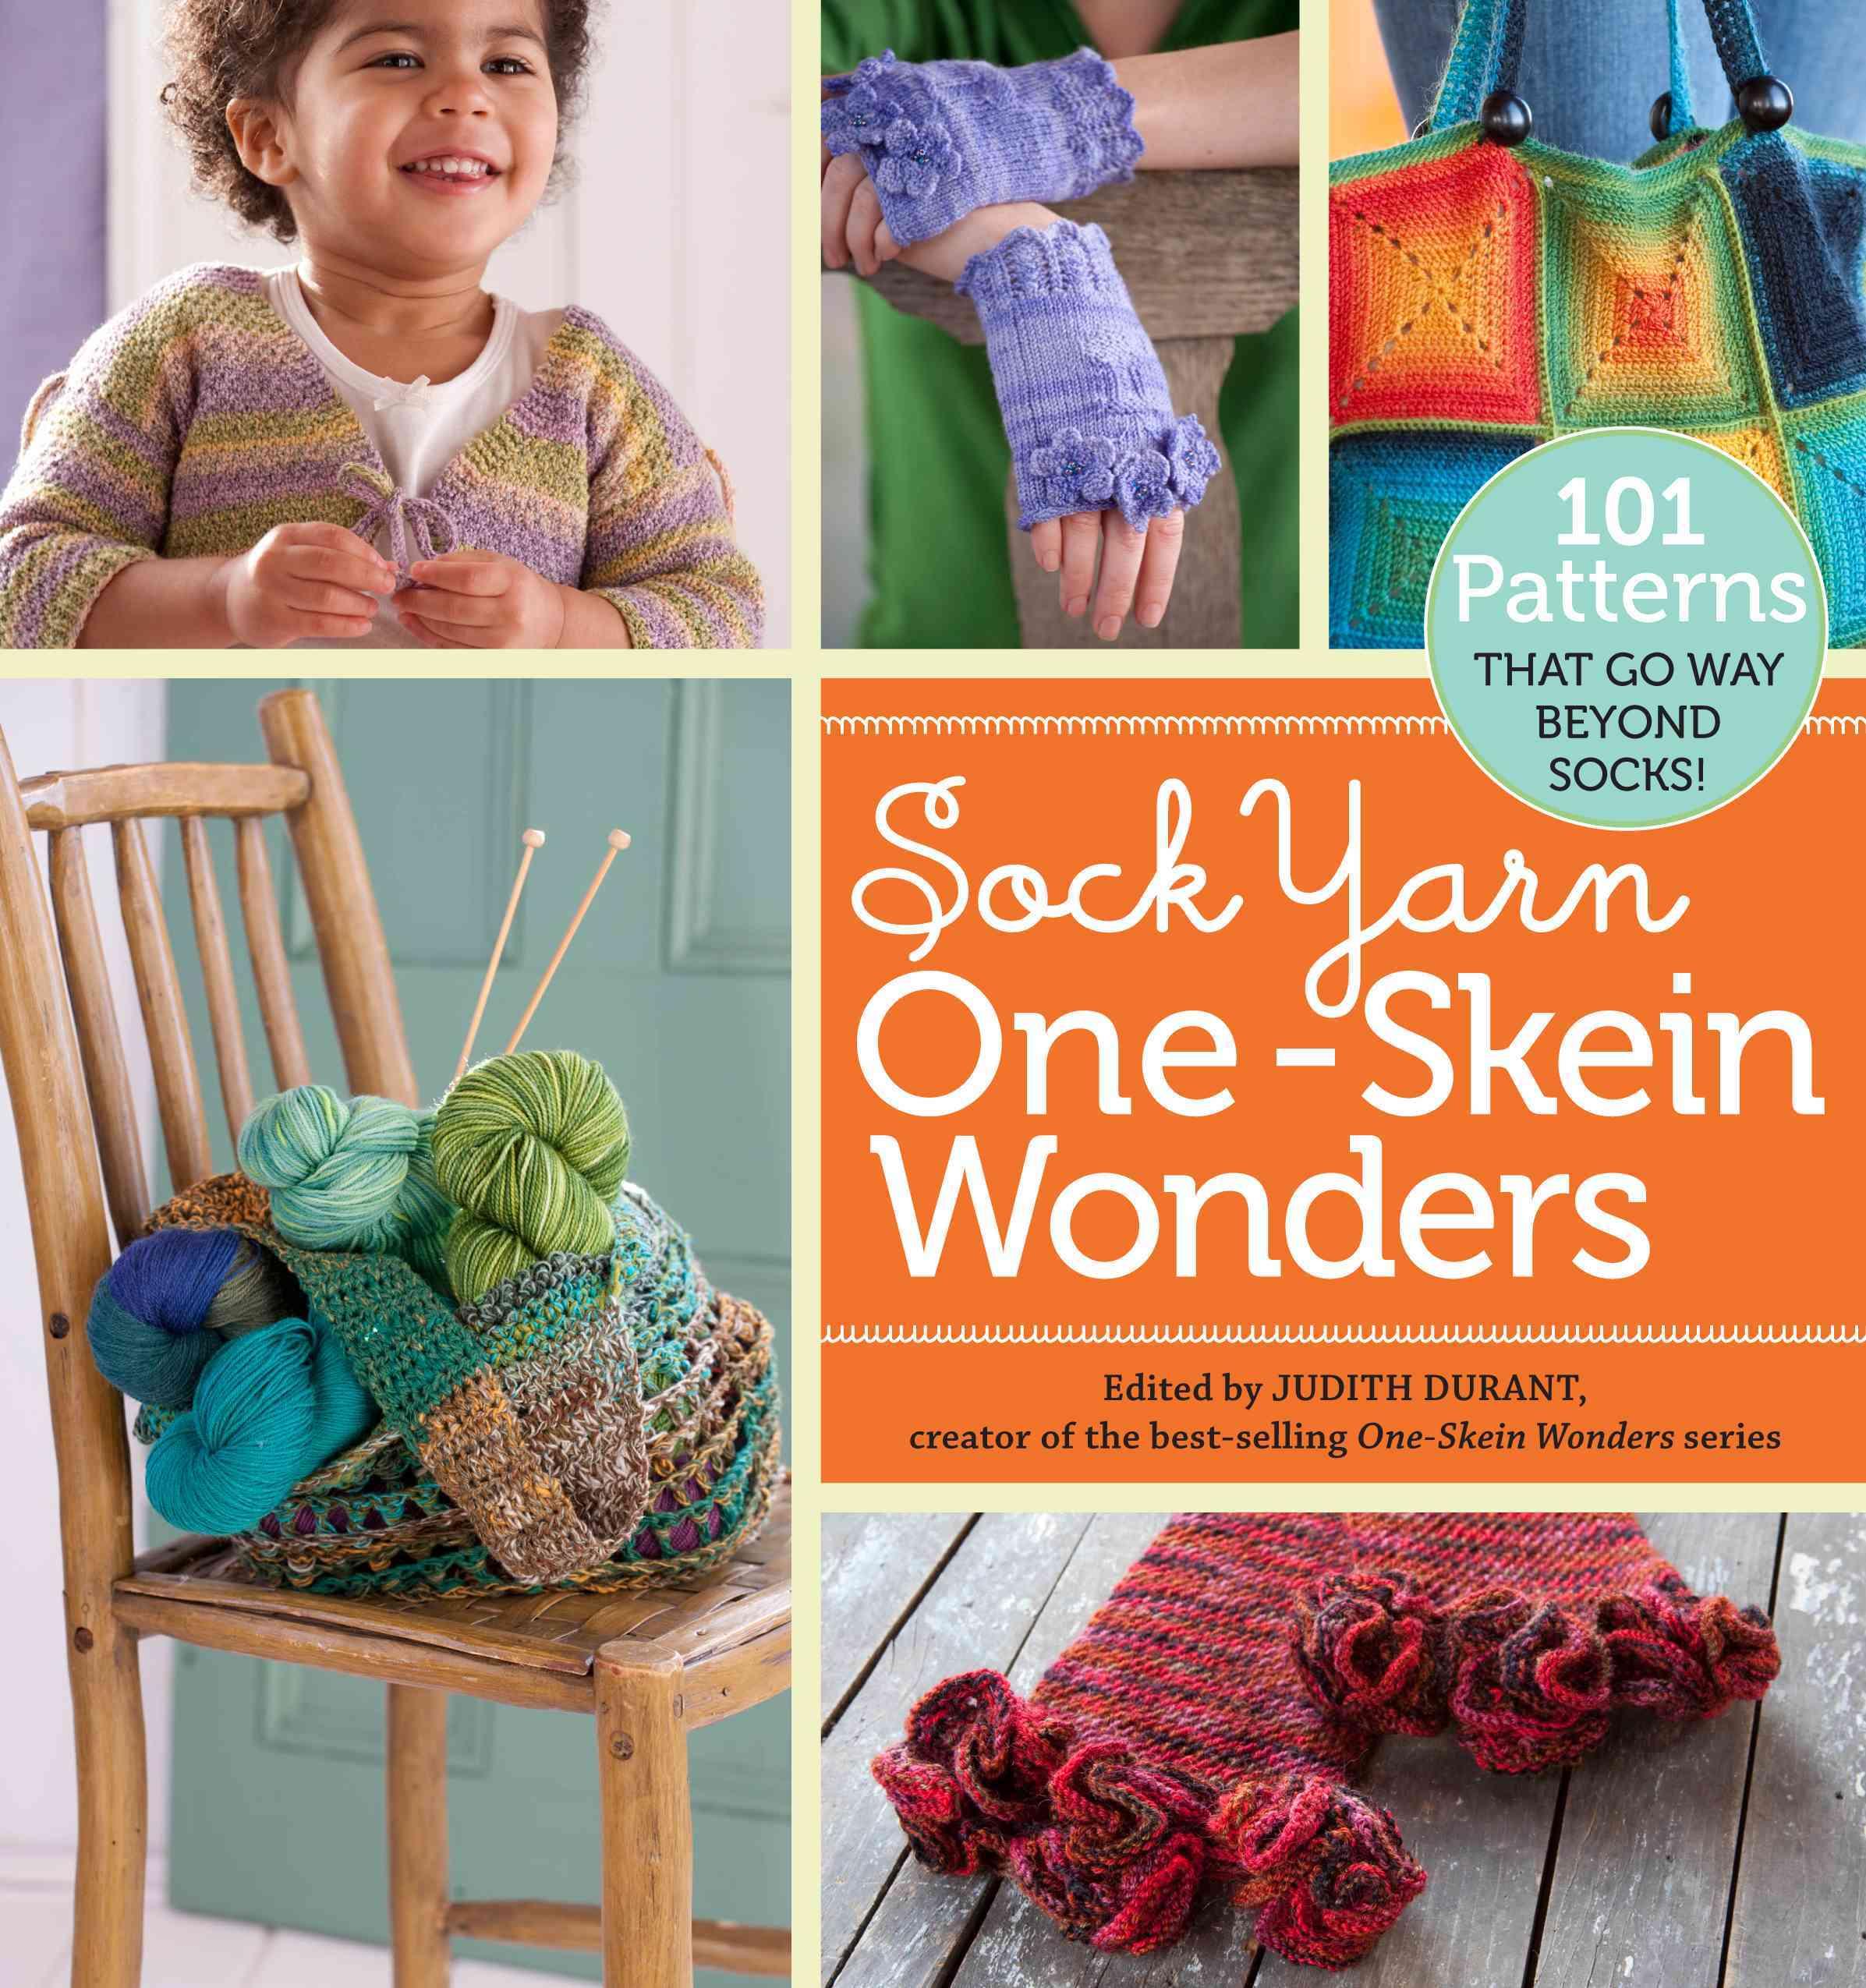 Sock Yarn One-Skein Wonders: 101 Patterns That Go Way Beyond Socks! (Paperback)